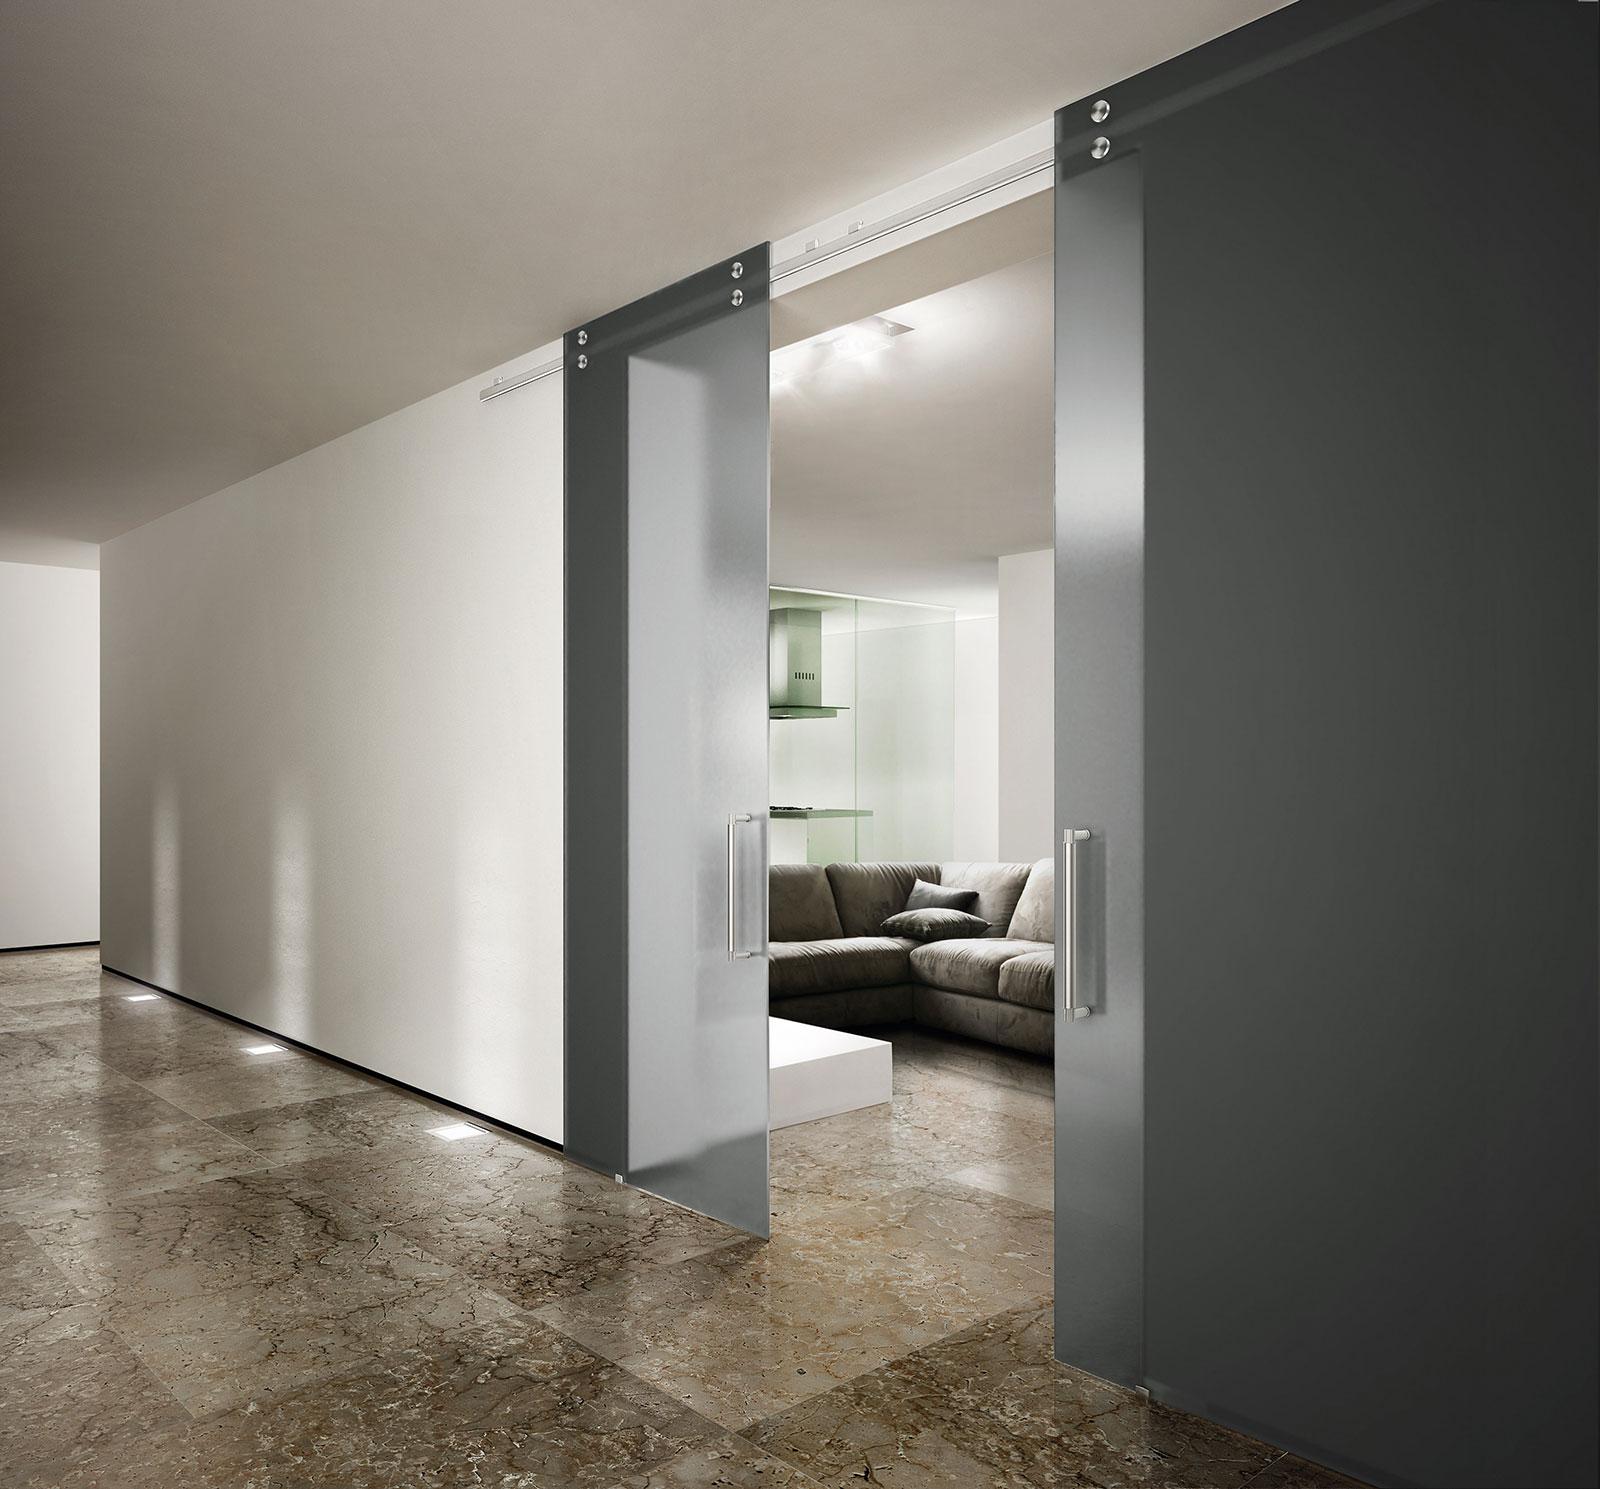 Absolute porta con scorrimento a vista henry glass - Porte a scorrimento esterno ...